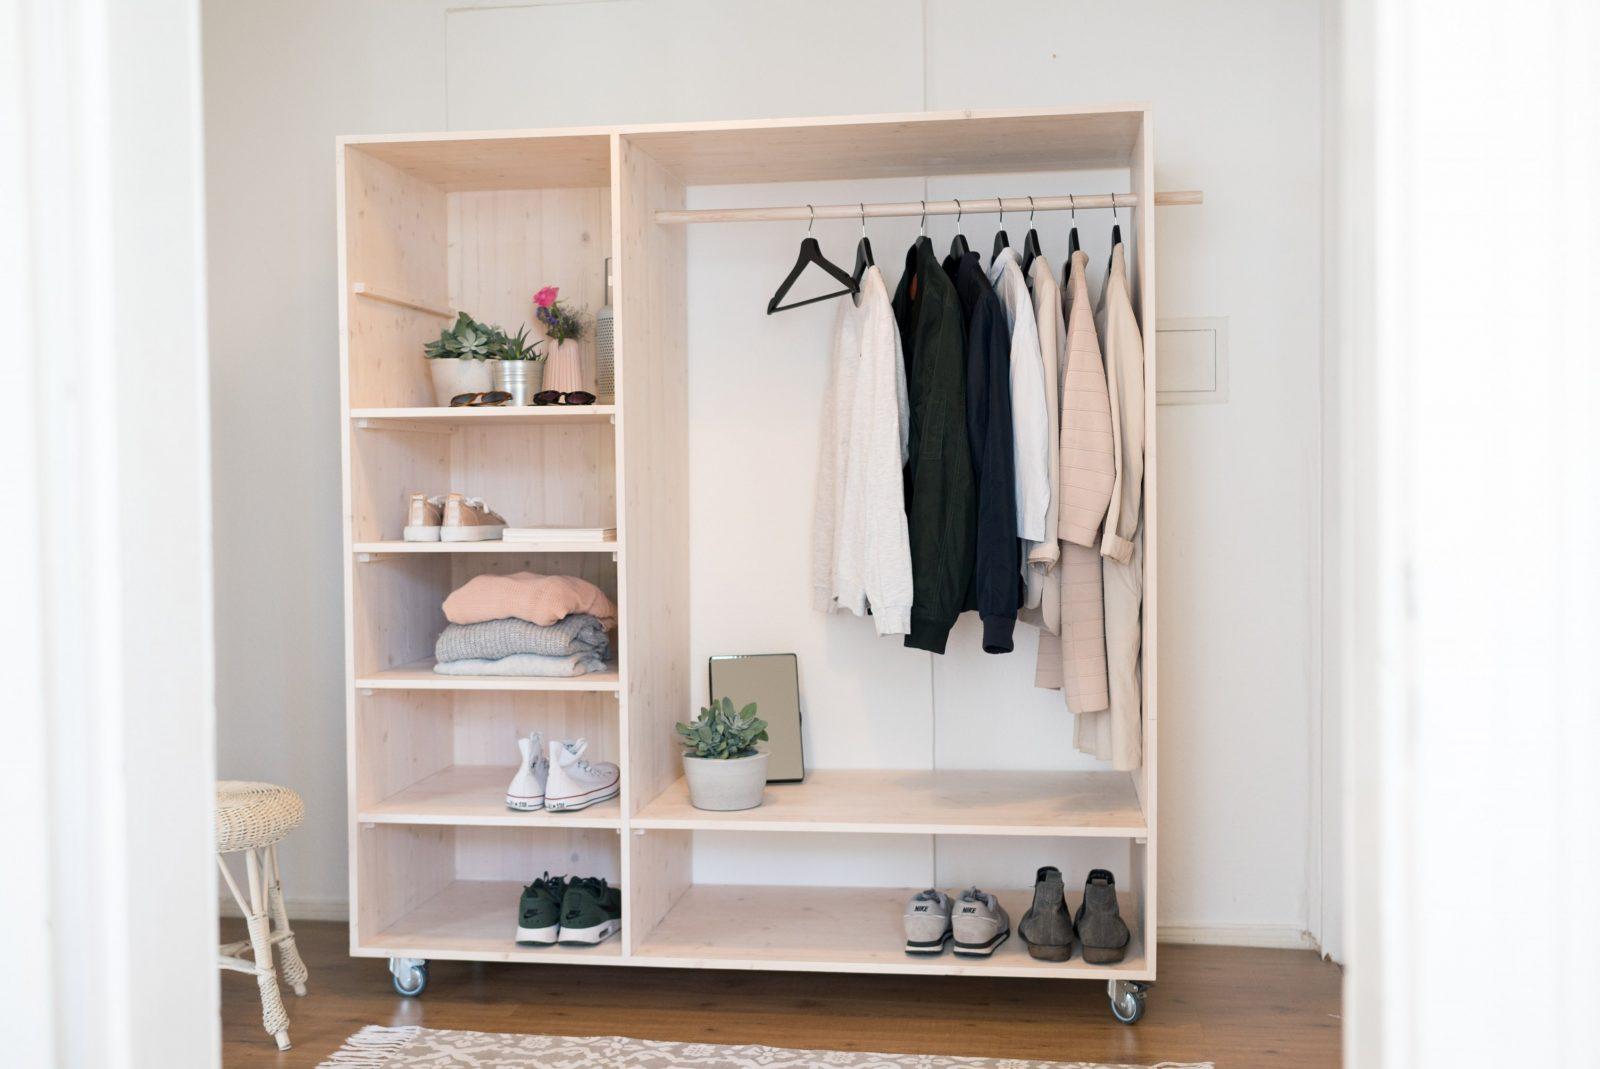 Offenen Schrank Selber Bauen – Tipps Zur Planung  Obi von Offenen Kleiderschrank Selber Bauen Bild